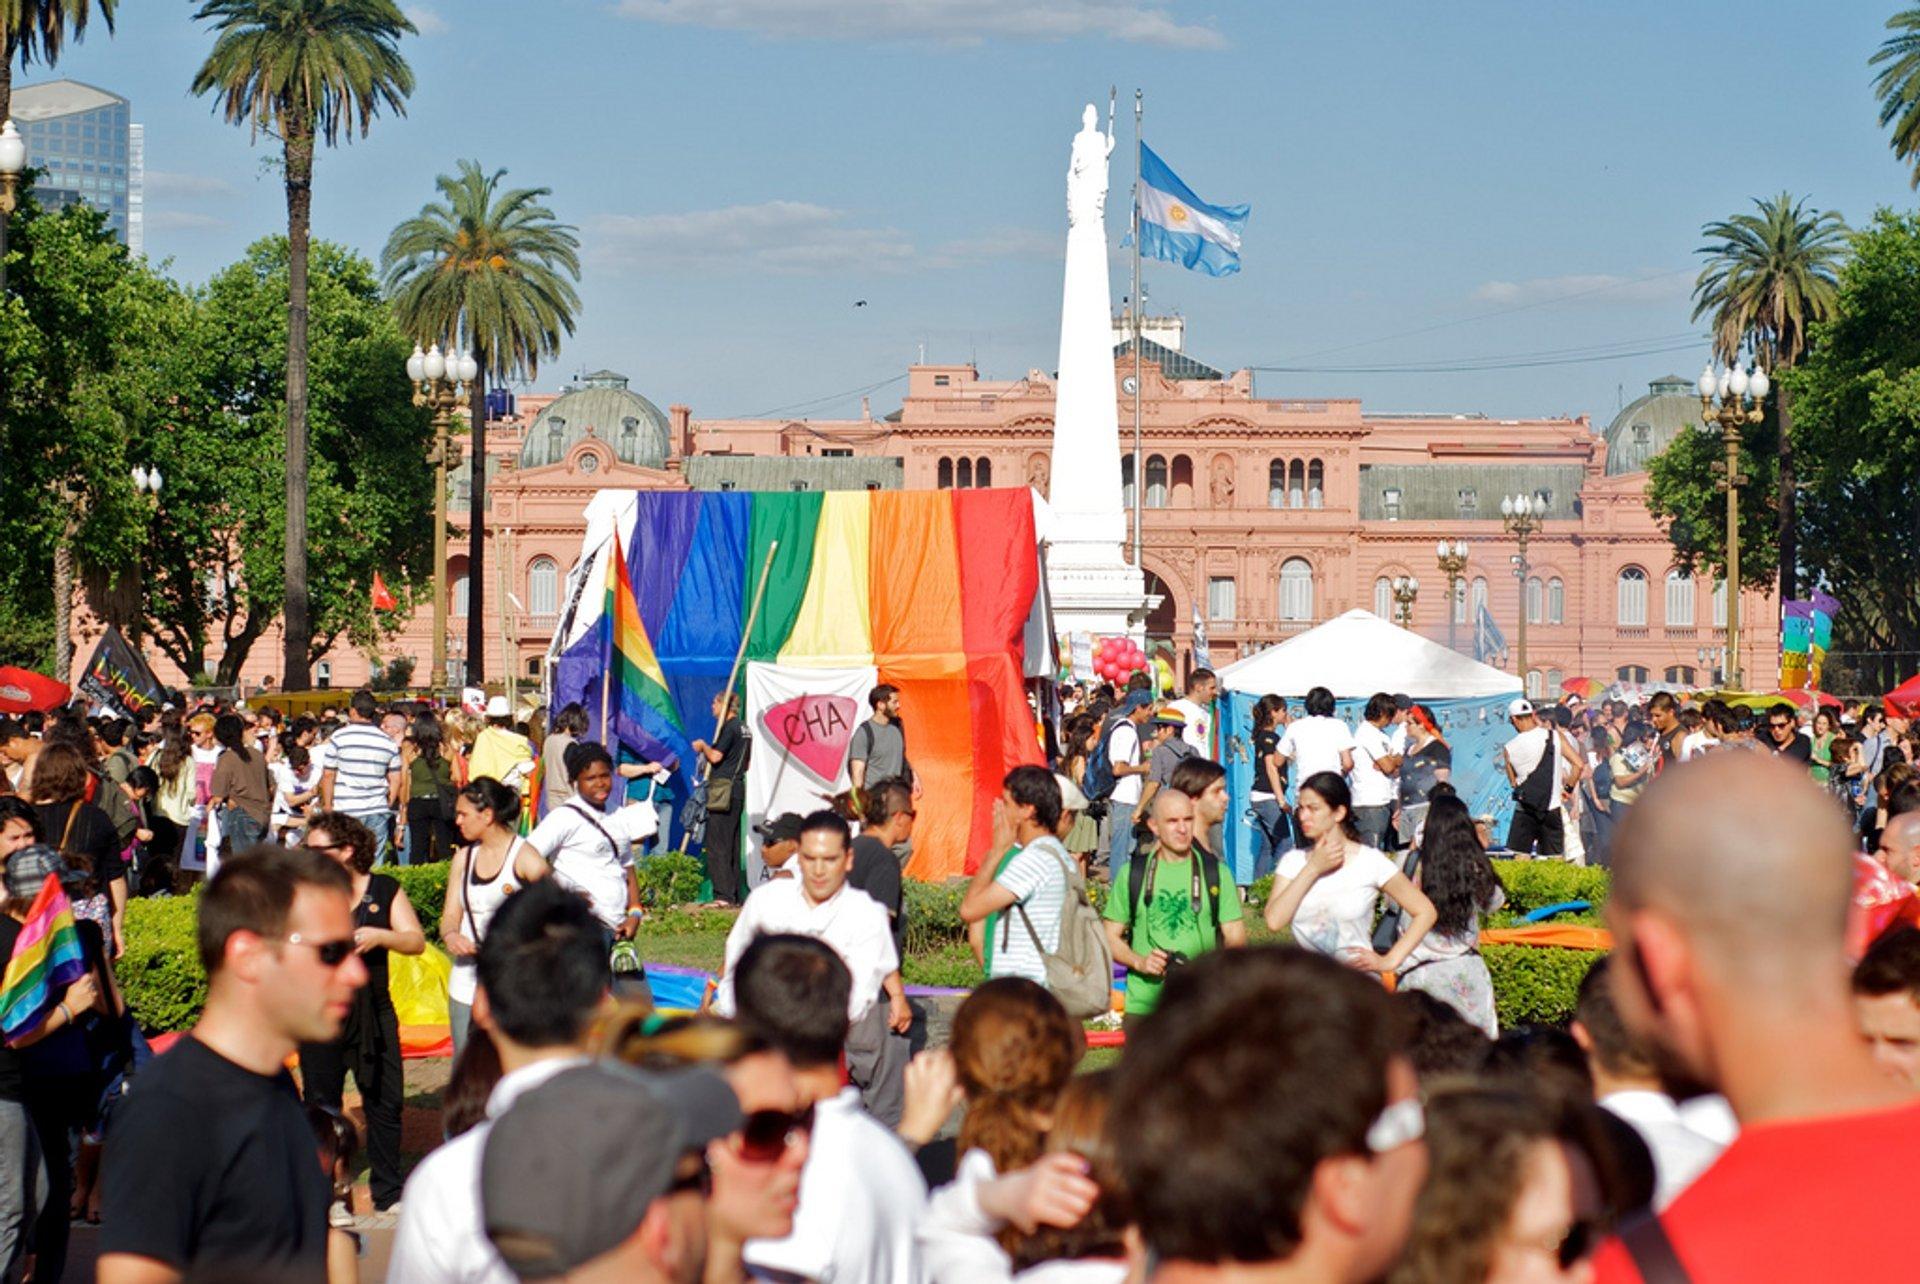 Marcha del Orgullo LGBTI (Buenos Aires Gay Pride) in Buenos Aires - Best Season 2020